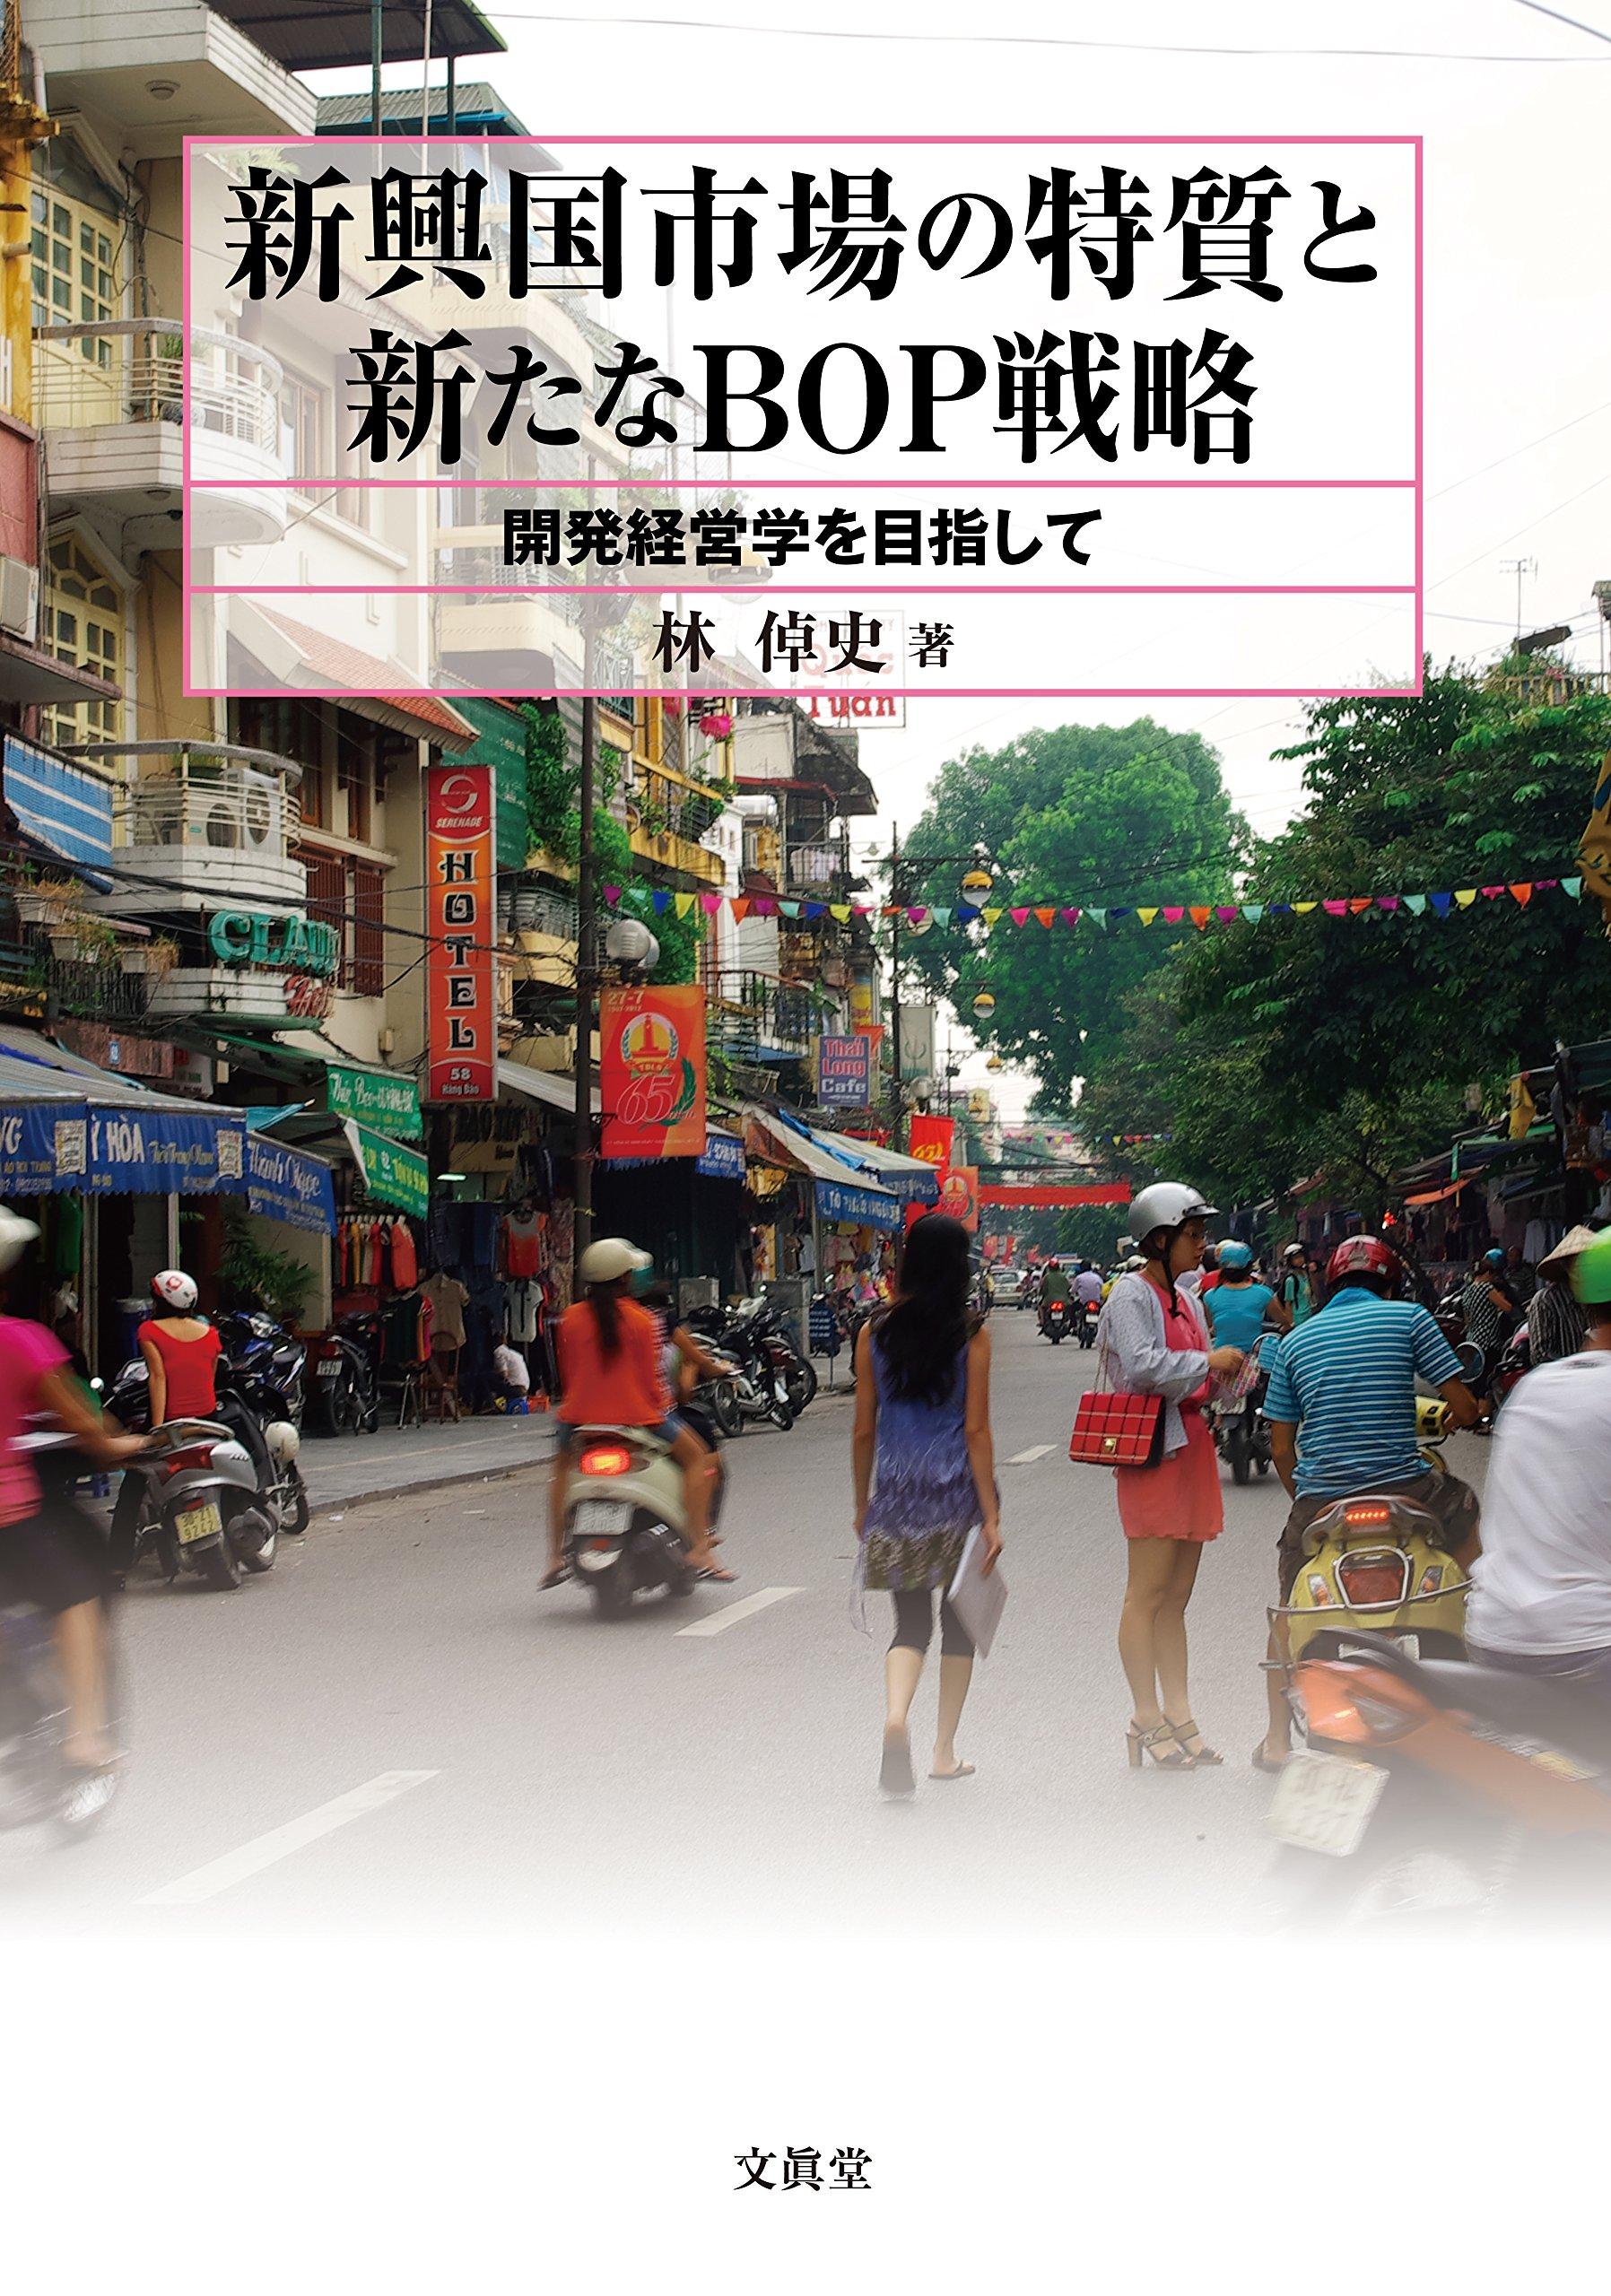 林 倬文(国士舘大学)著『新興国市場の特質と新たなBOP戦略』